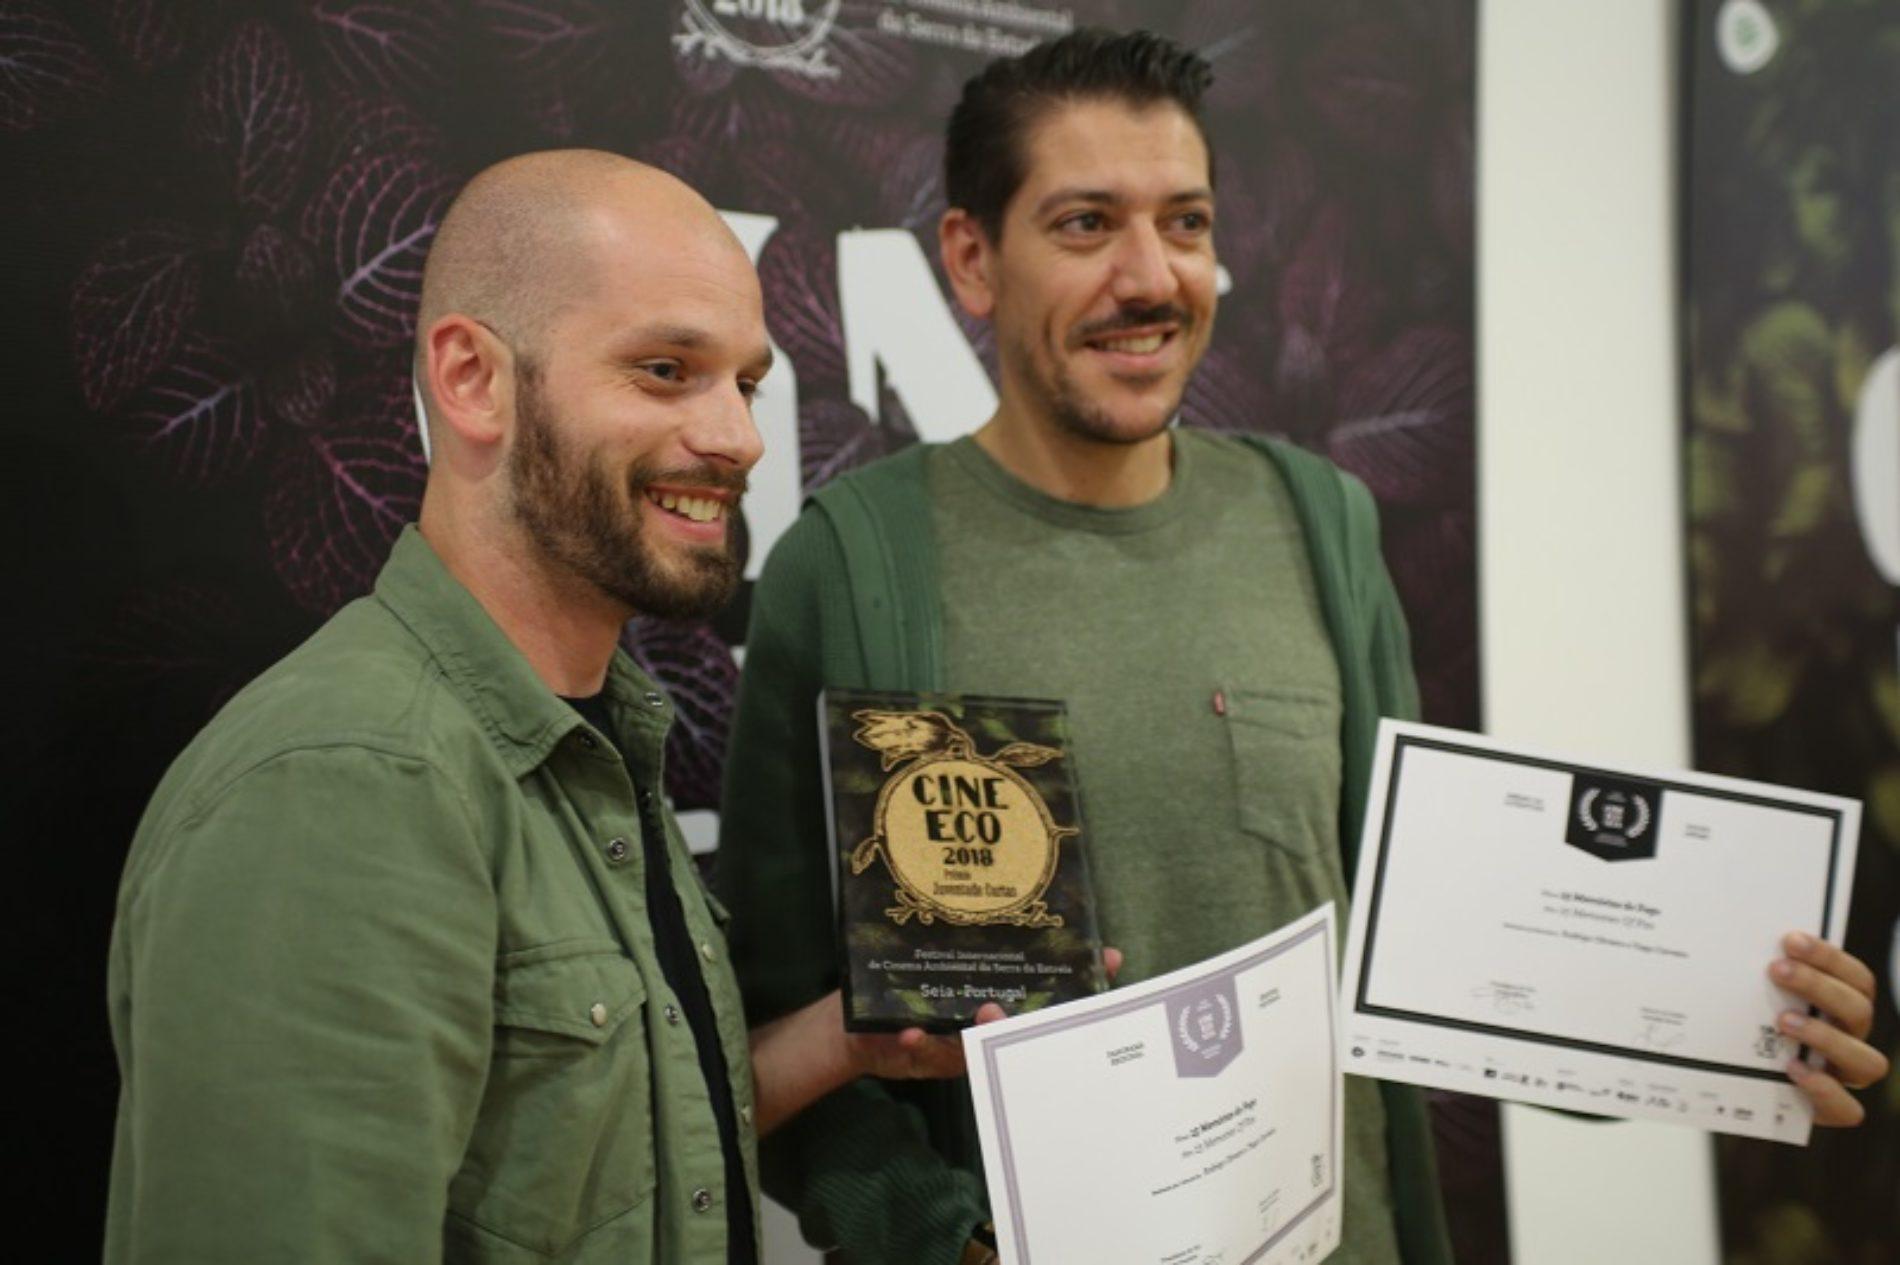 """Websérie """"15 Memórias do Fogo"""" recebeu dois prémios no CineEco"""